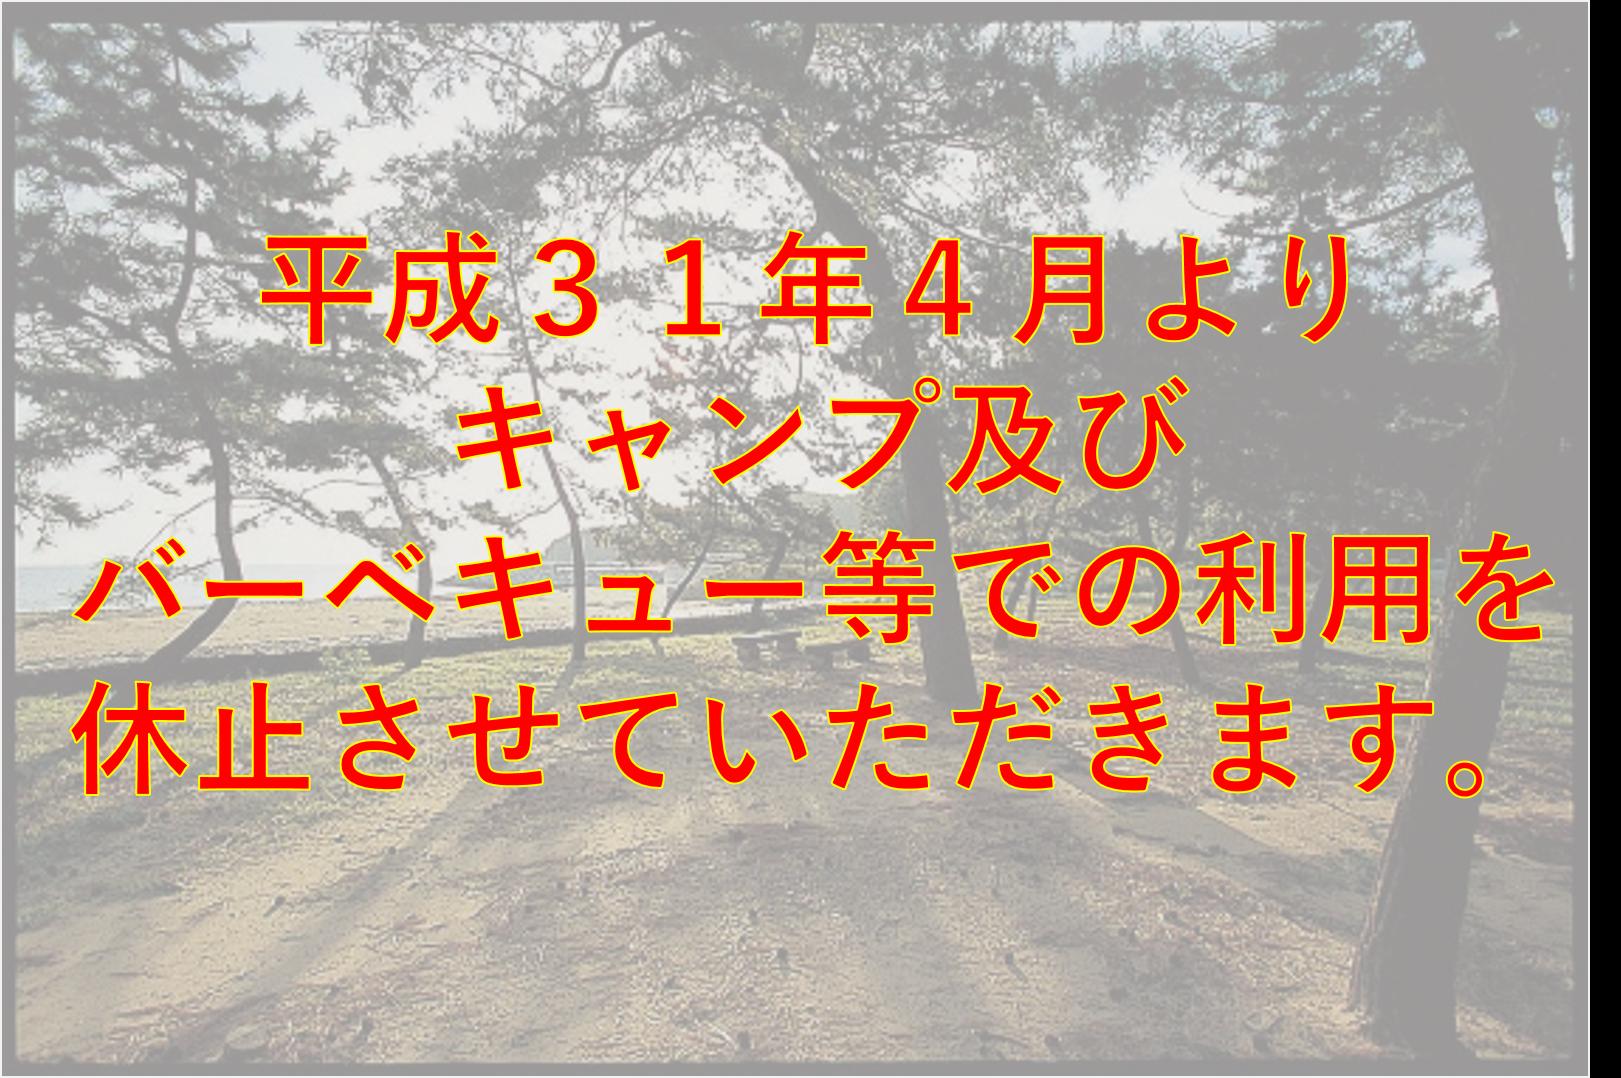 松原(法王ヶ原)キャンプ休止